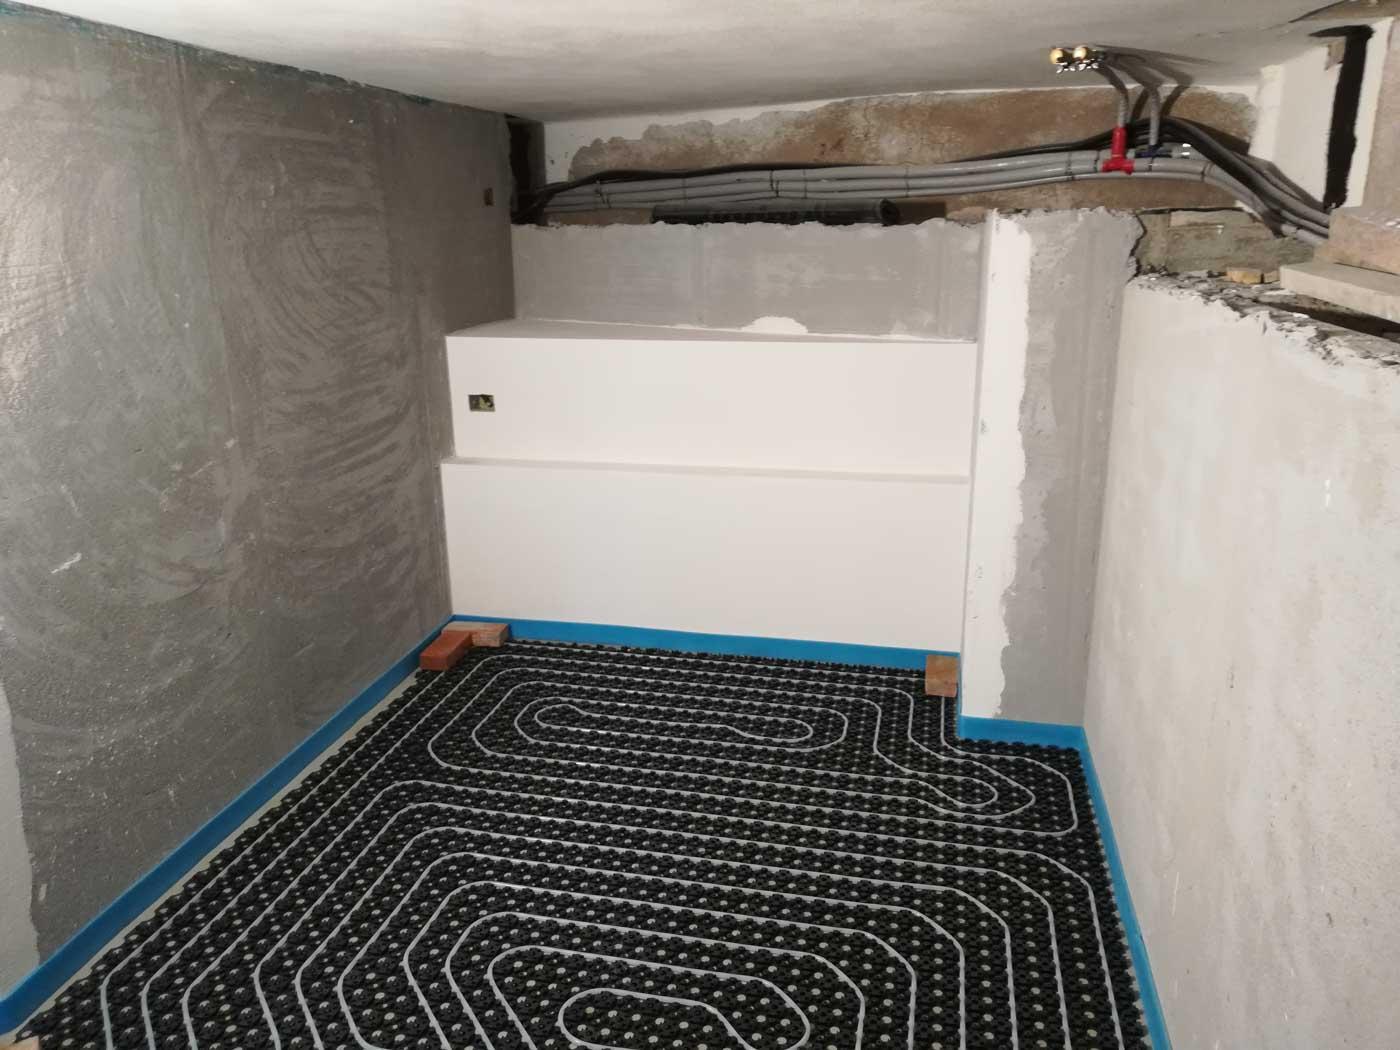 impresa-edilenicolosi-ristrutturazione-appartamento-sottoil-livello-del-mare-21